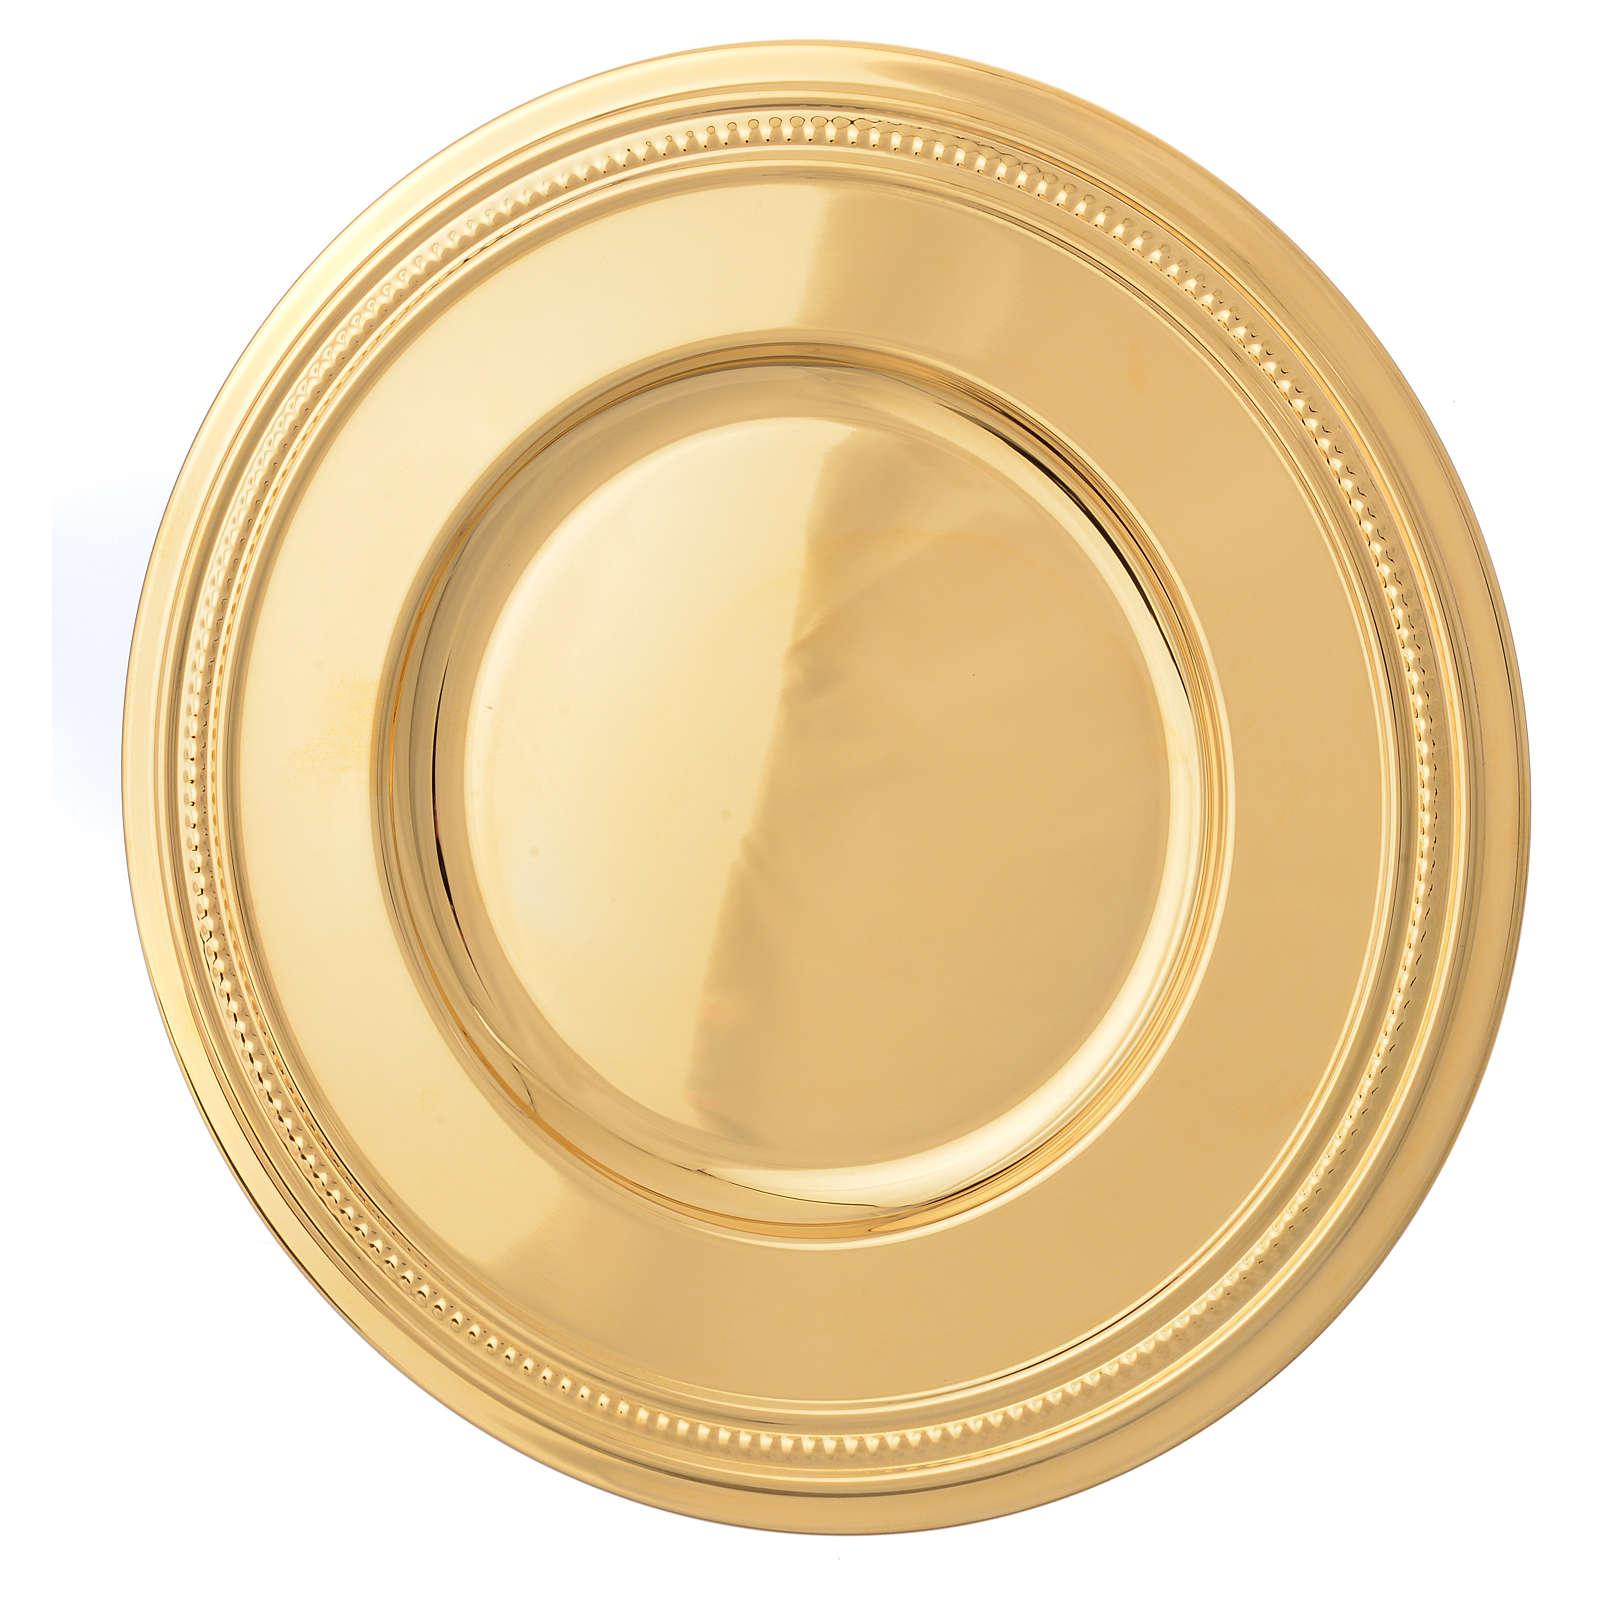 Bandeja latão dourado 19 cm 4